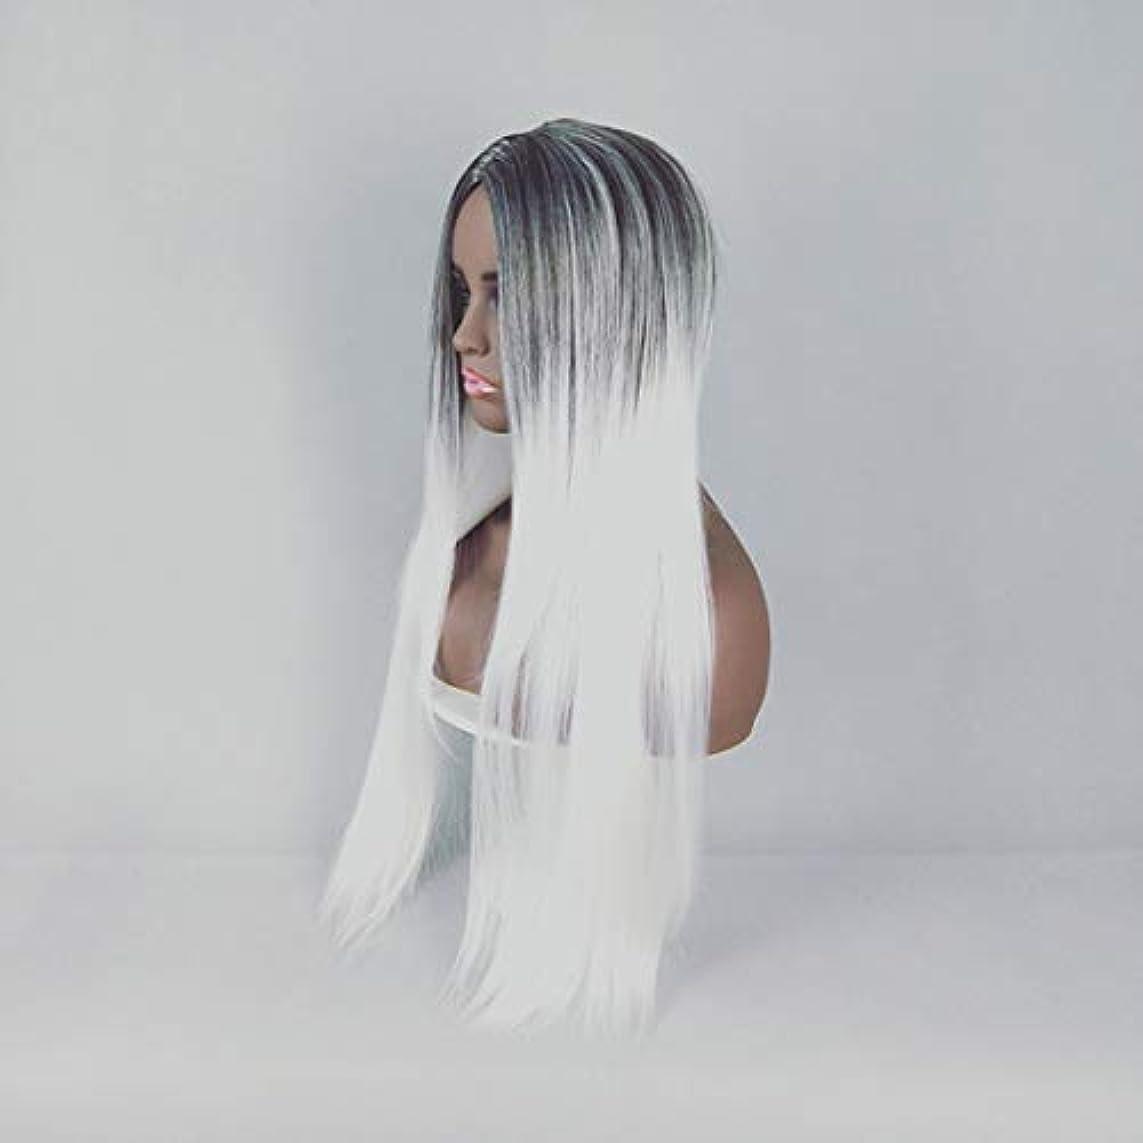 我慢するフォーマット欠かせないKerwinner 合成ストレートストレートヘアウィッグカラーグラデーションフルウィッグ女性のための前髪付き耐熱ウィッグロングウィッグコスプレ/パーティー用 (Color : White)